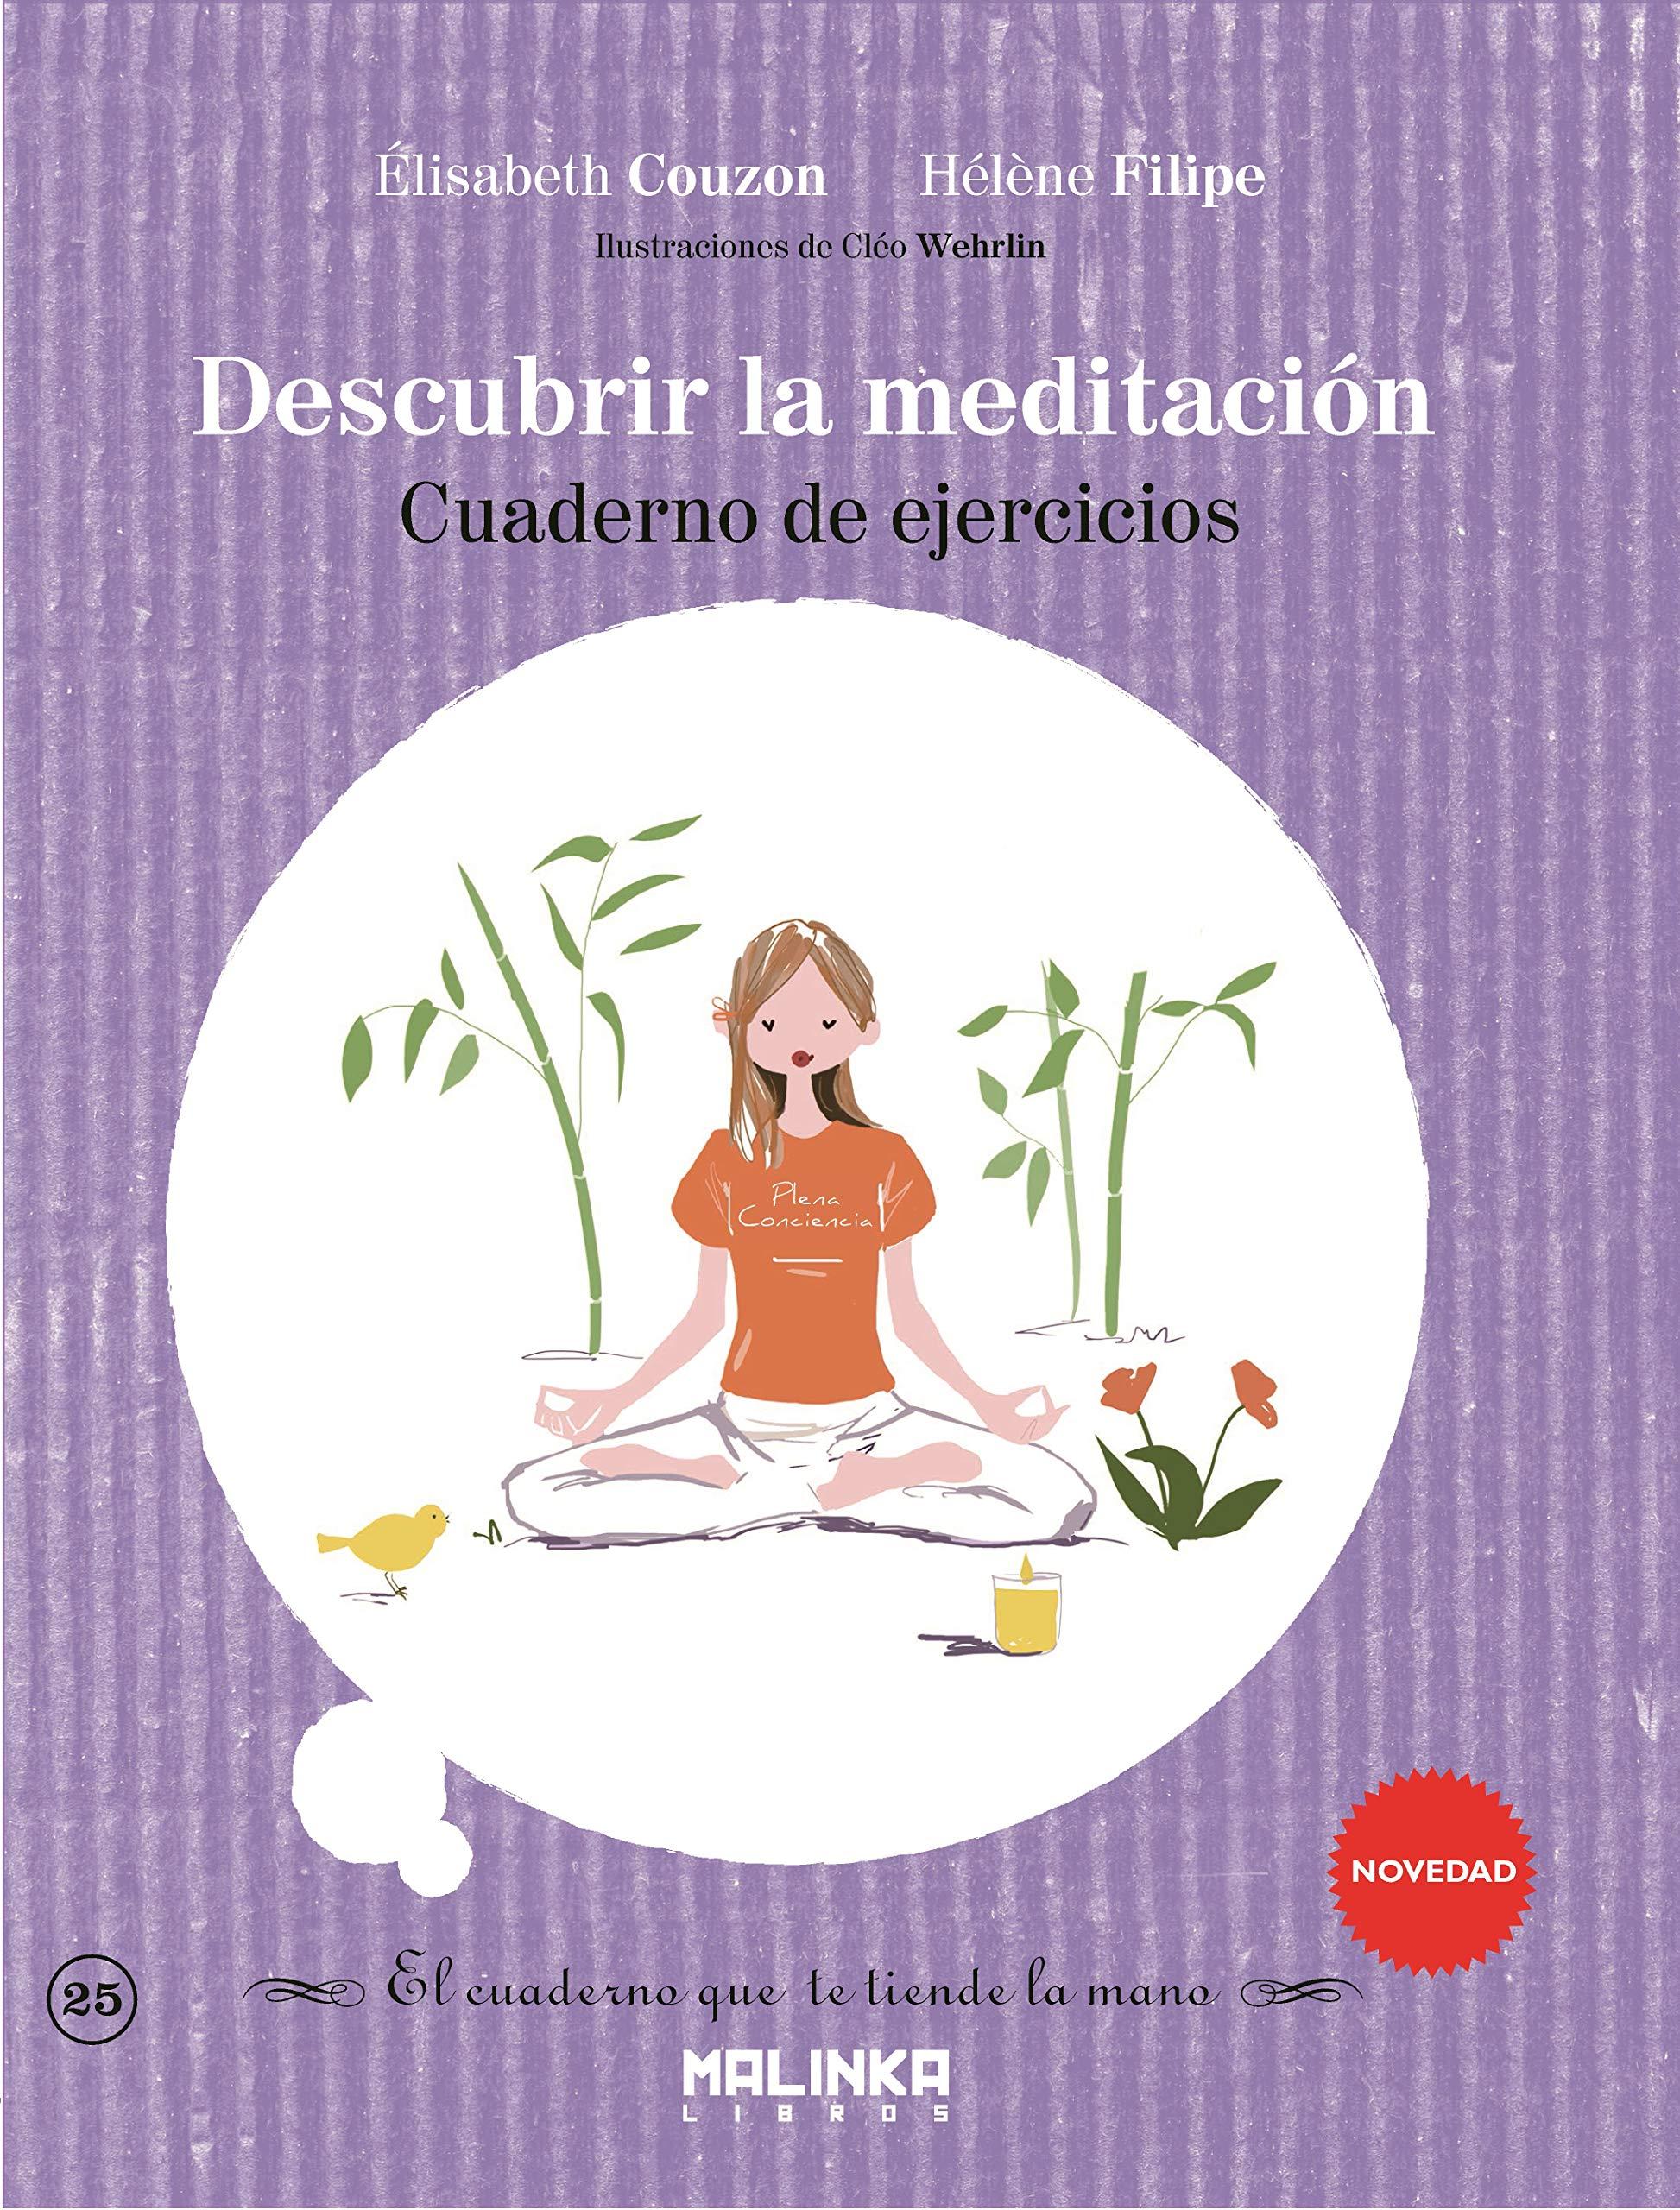 DESCUBRIR LA MEDITACION, CUADERNO DE E: ELISABETH COUZON ...